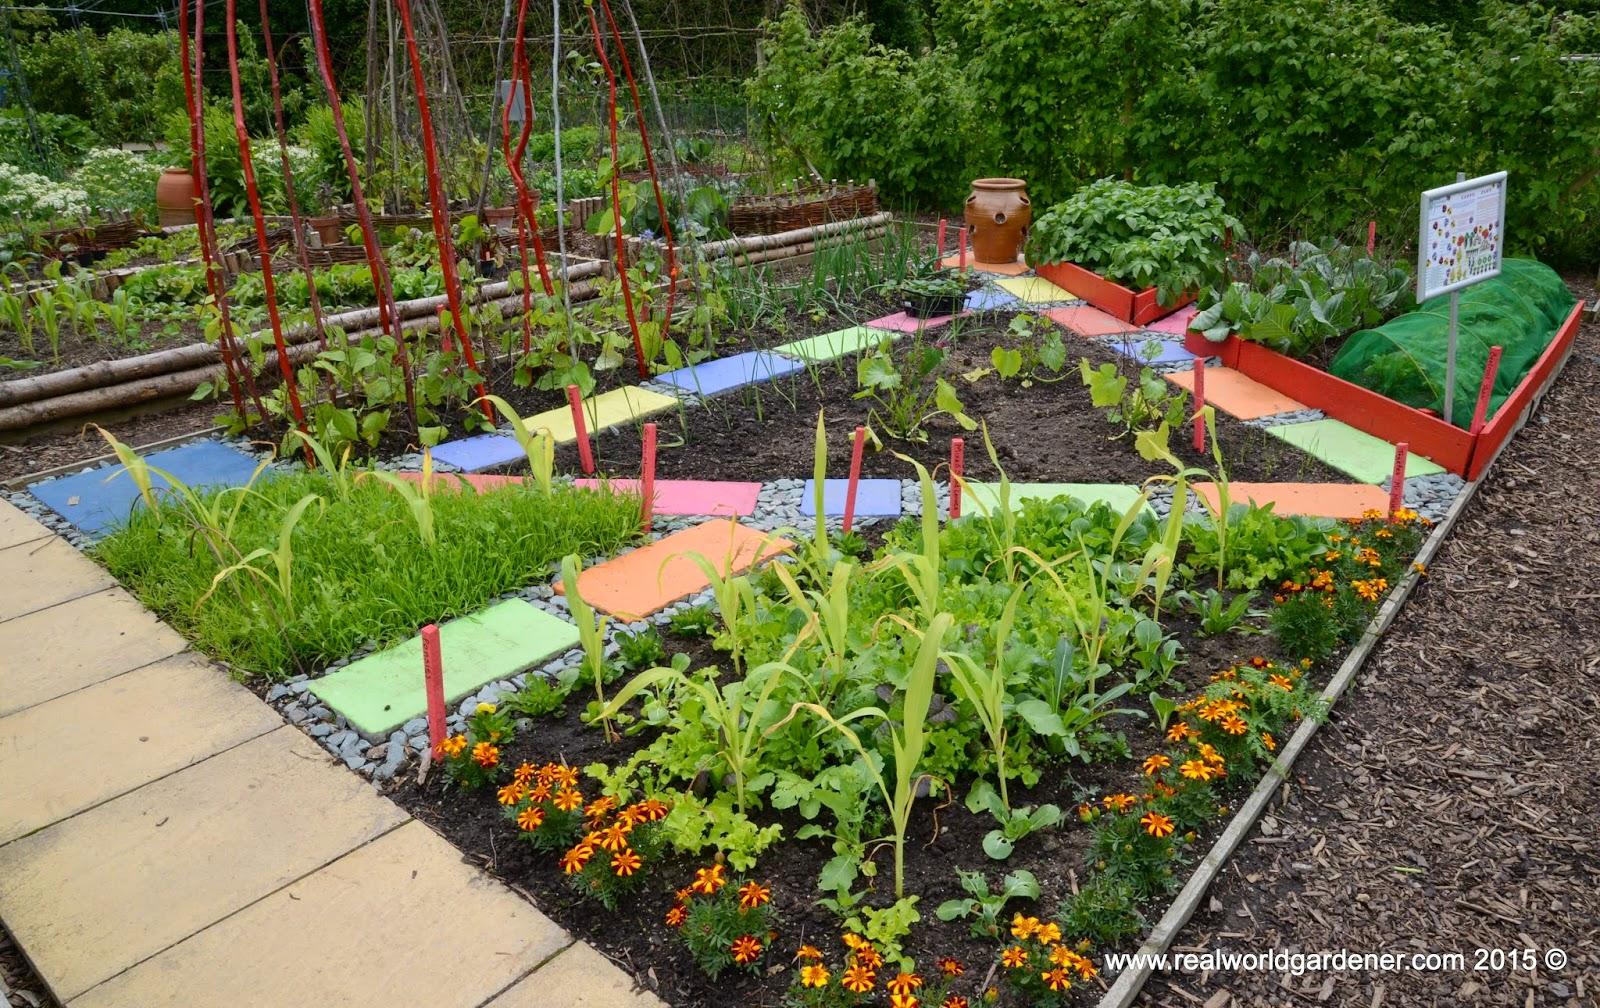 Real world gardener starting a garden from scratch part 2 for Designing your garden from scratch